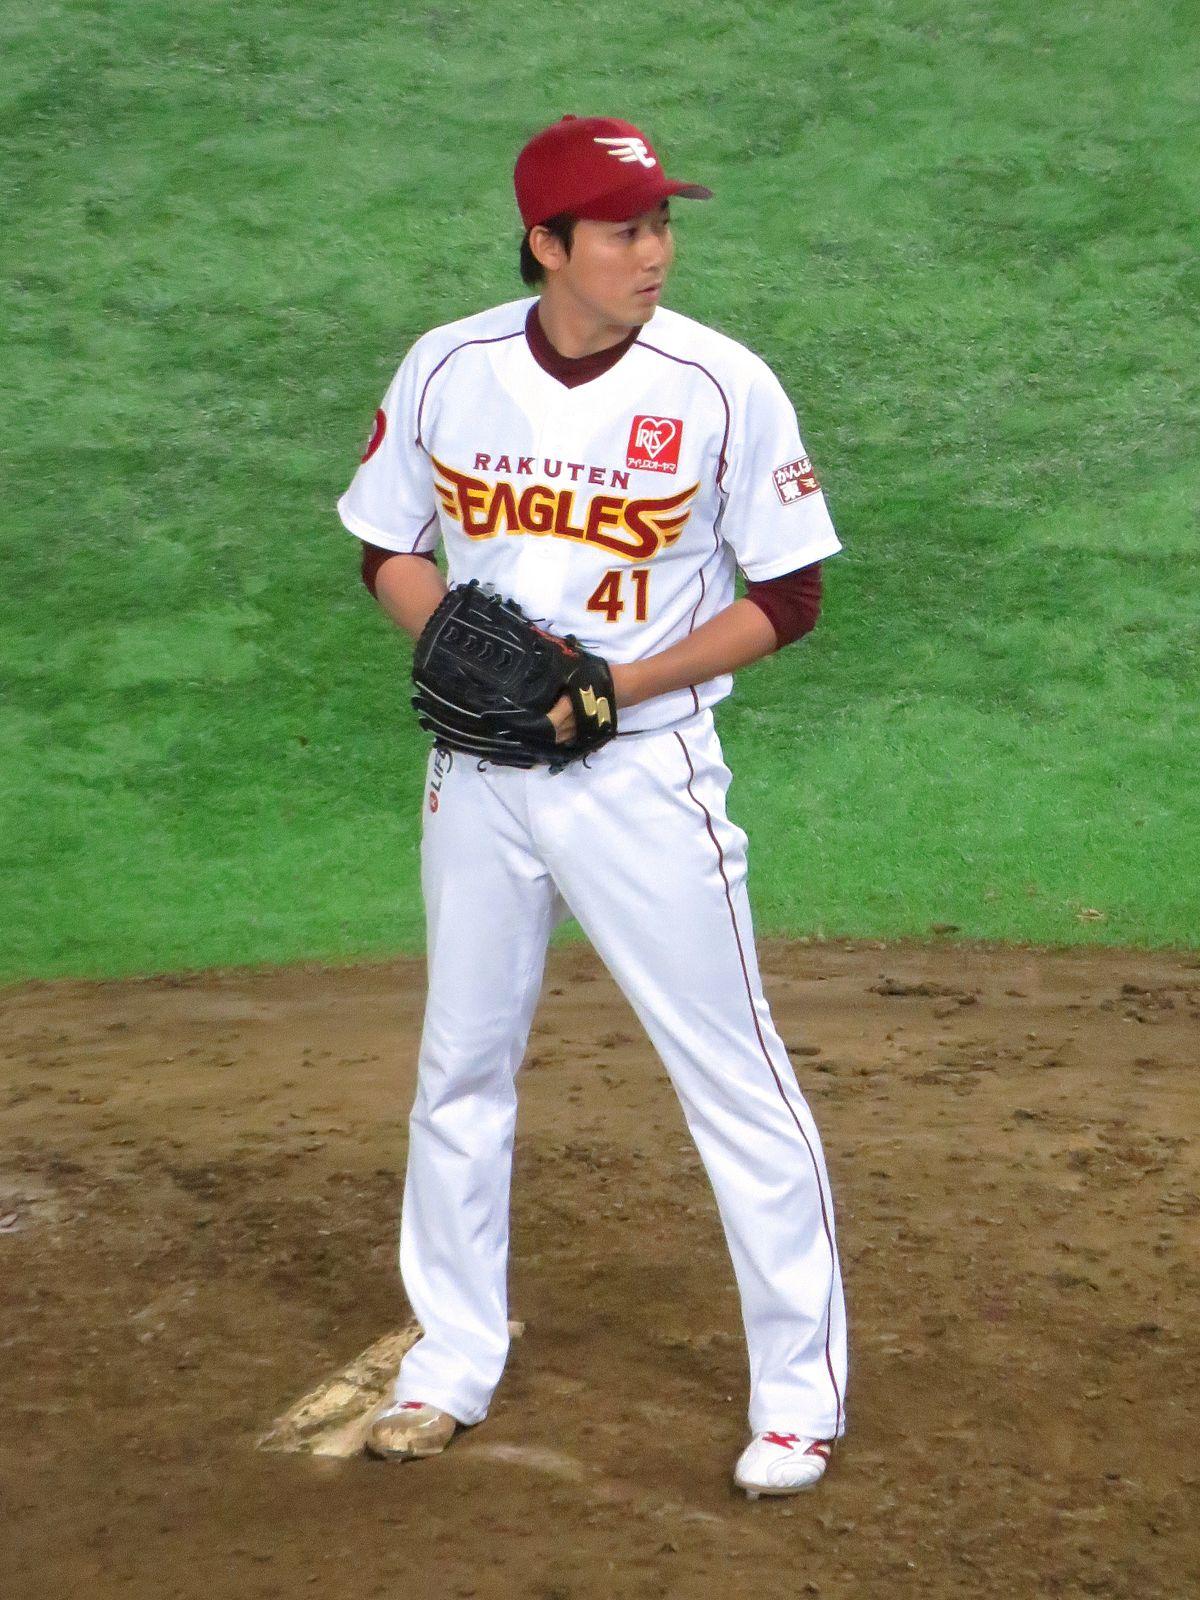 青山浩二 - Wikipedia